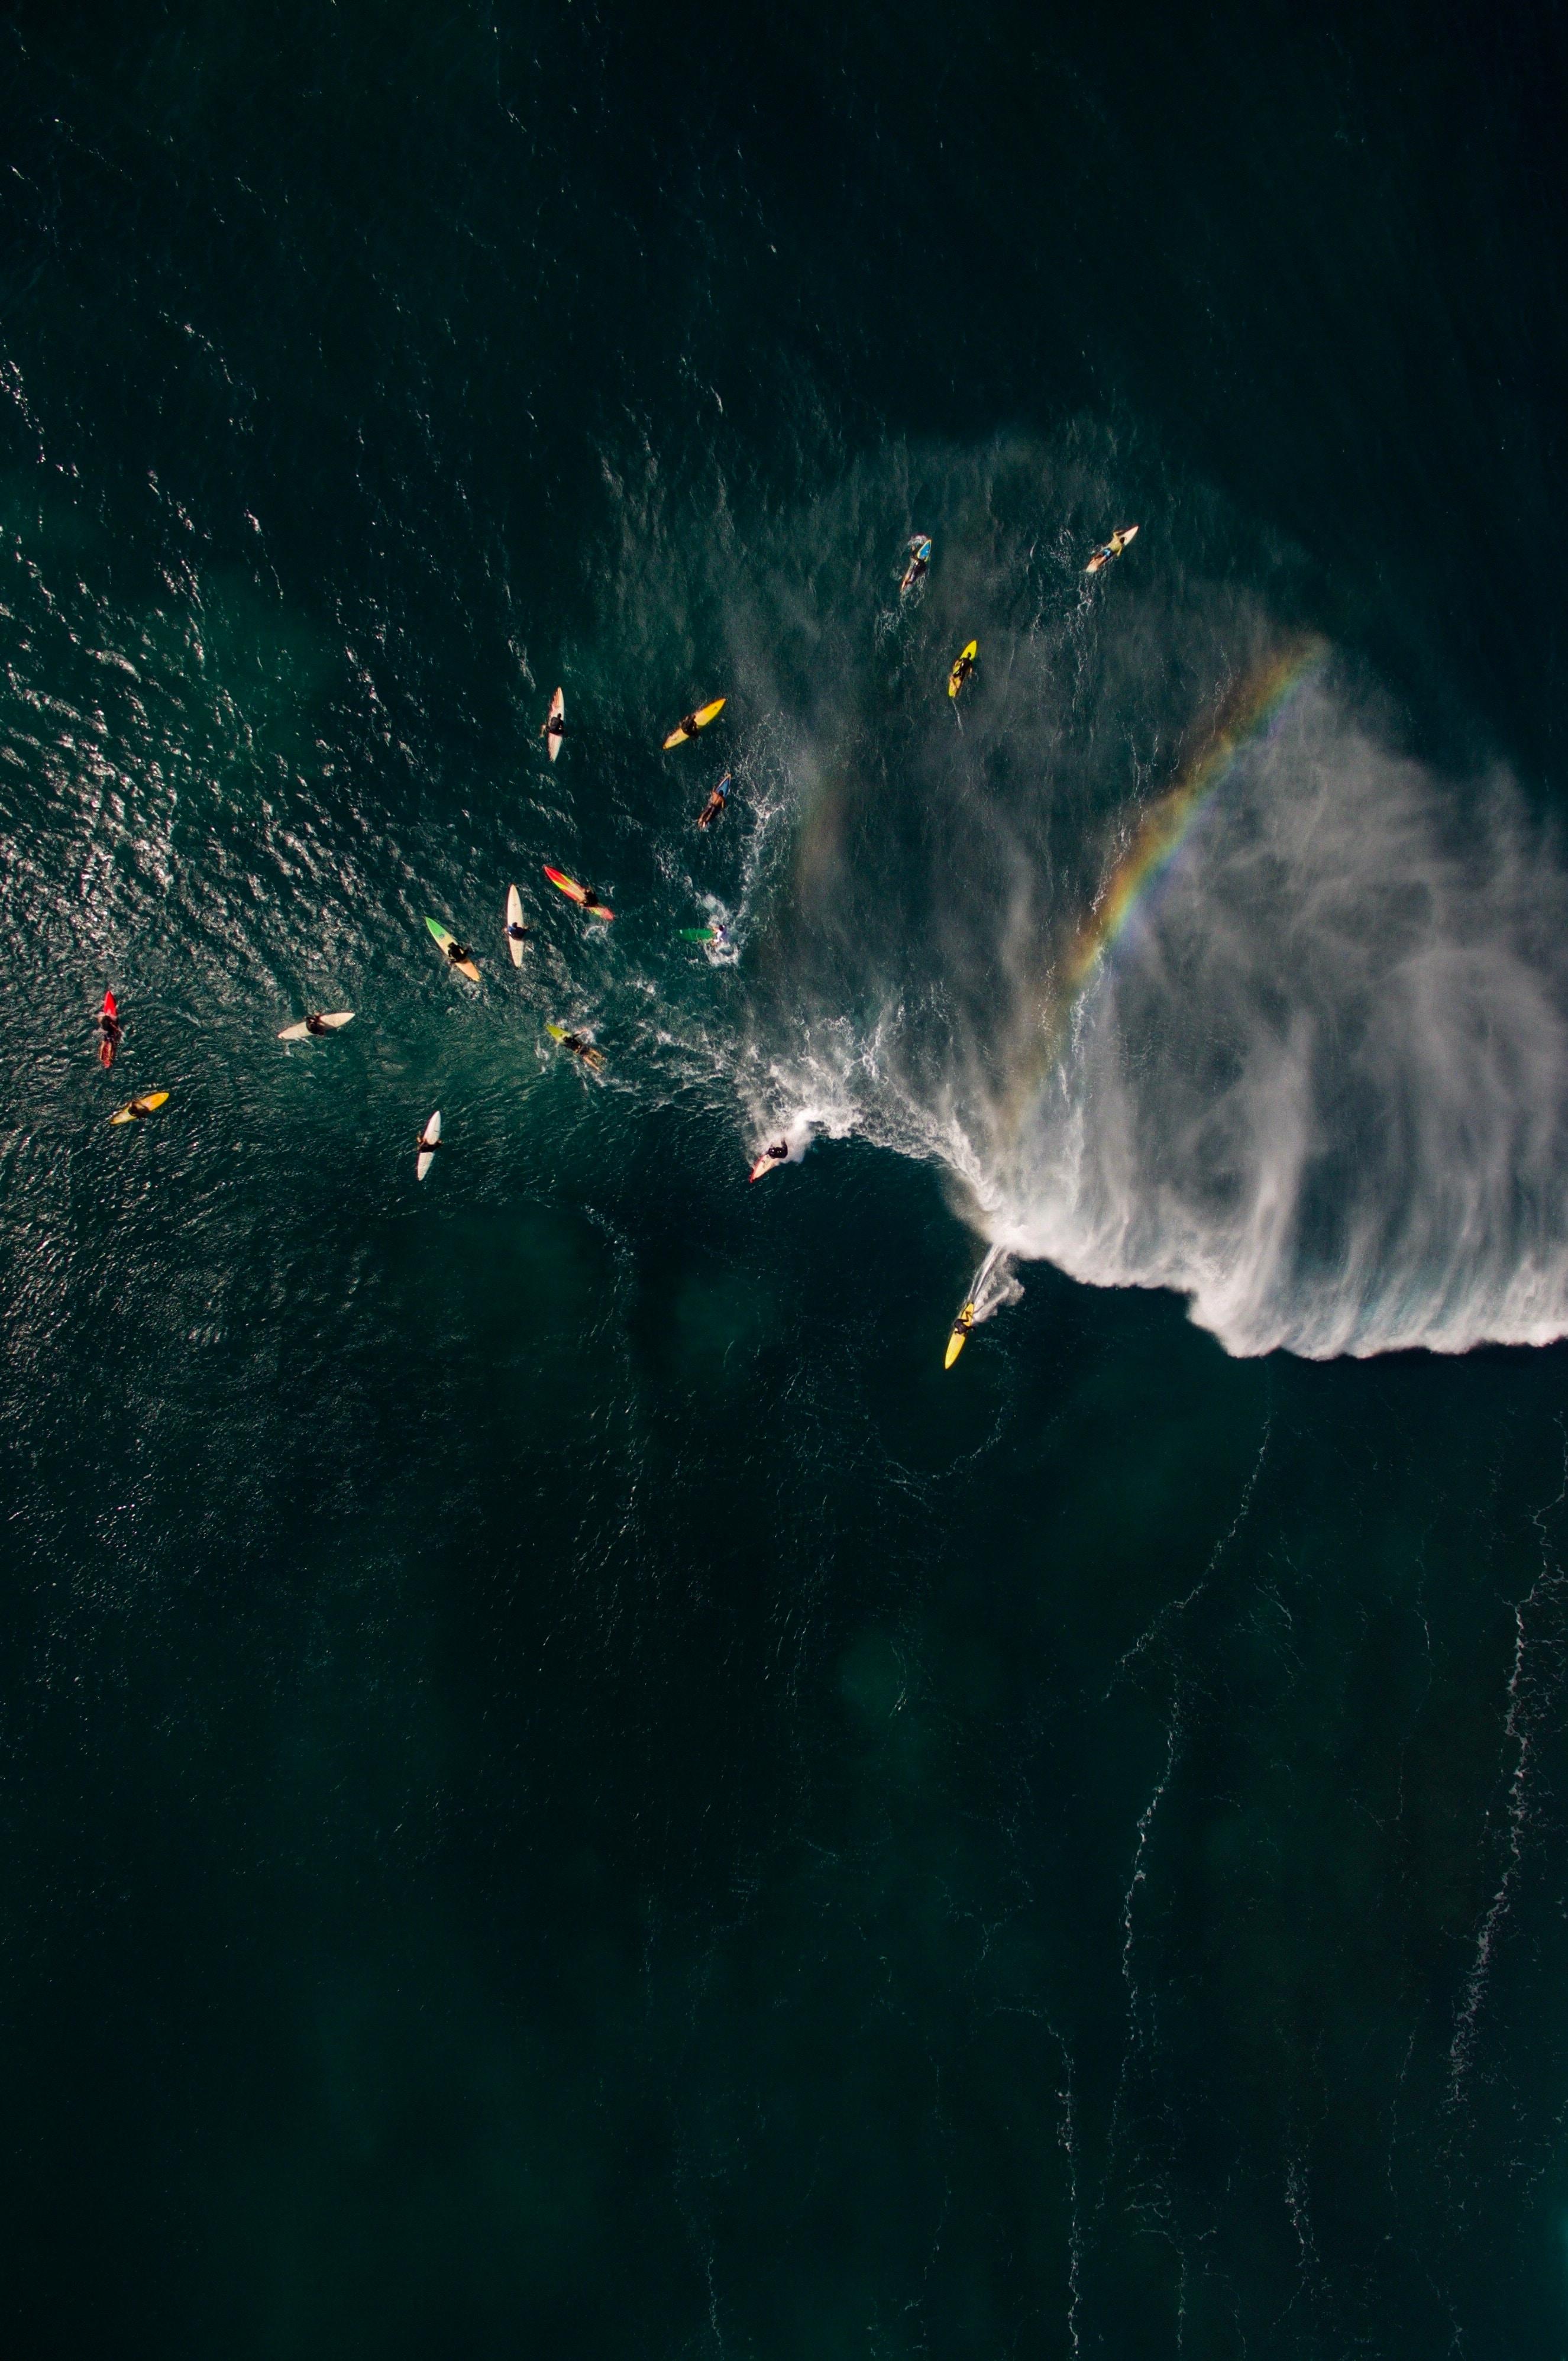 80351 Заставки и Обои Радуга на телефон. Скачать Спорт, Море, Волны, Серфинг, Радуга, Вид Сверху, Серферы картинки бесплатно